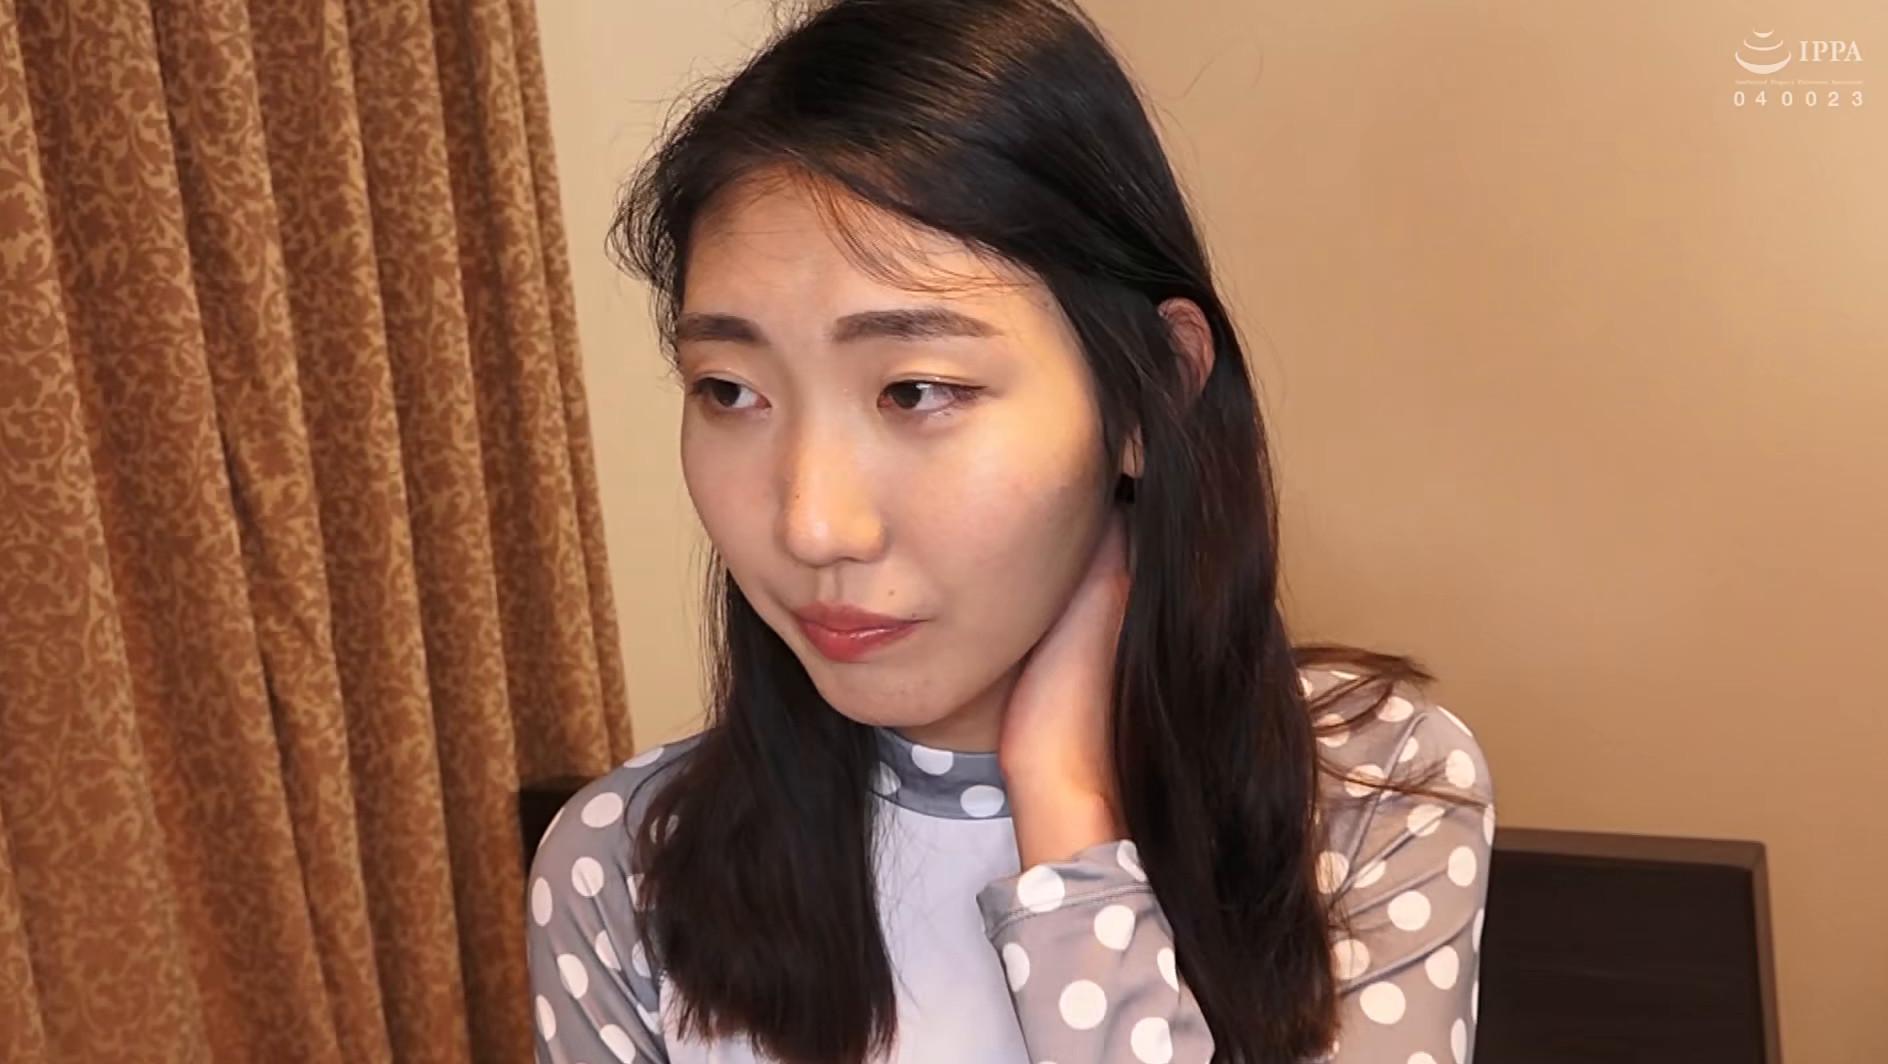 韓国全土で見つけた!凄まじいSEXポテンシャルを持ったオルチャン美女 9人4時間 画像15